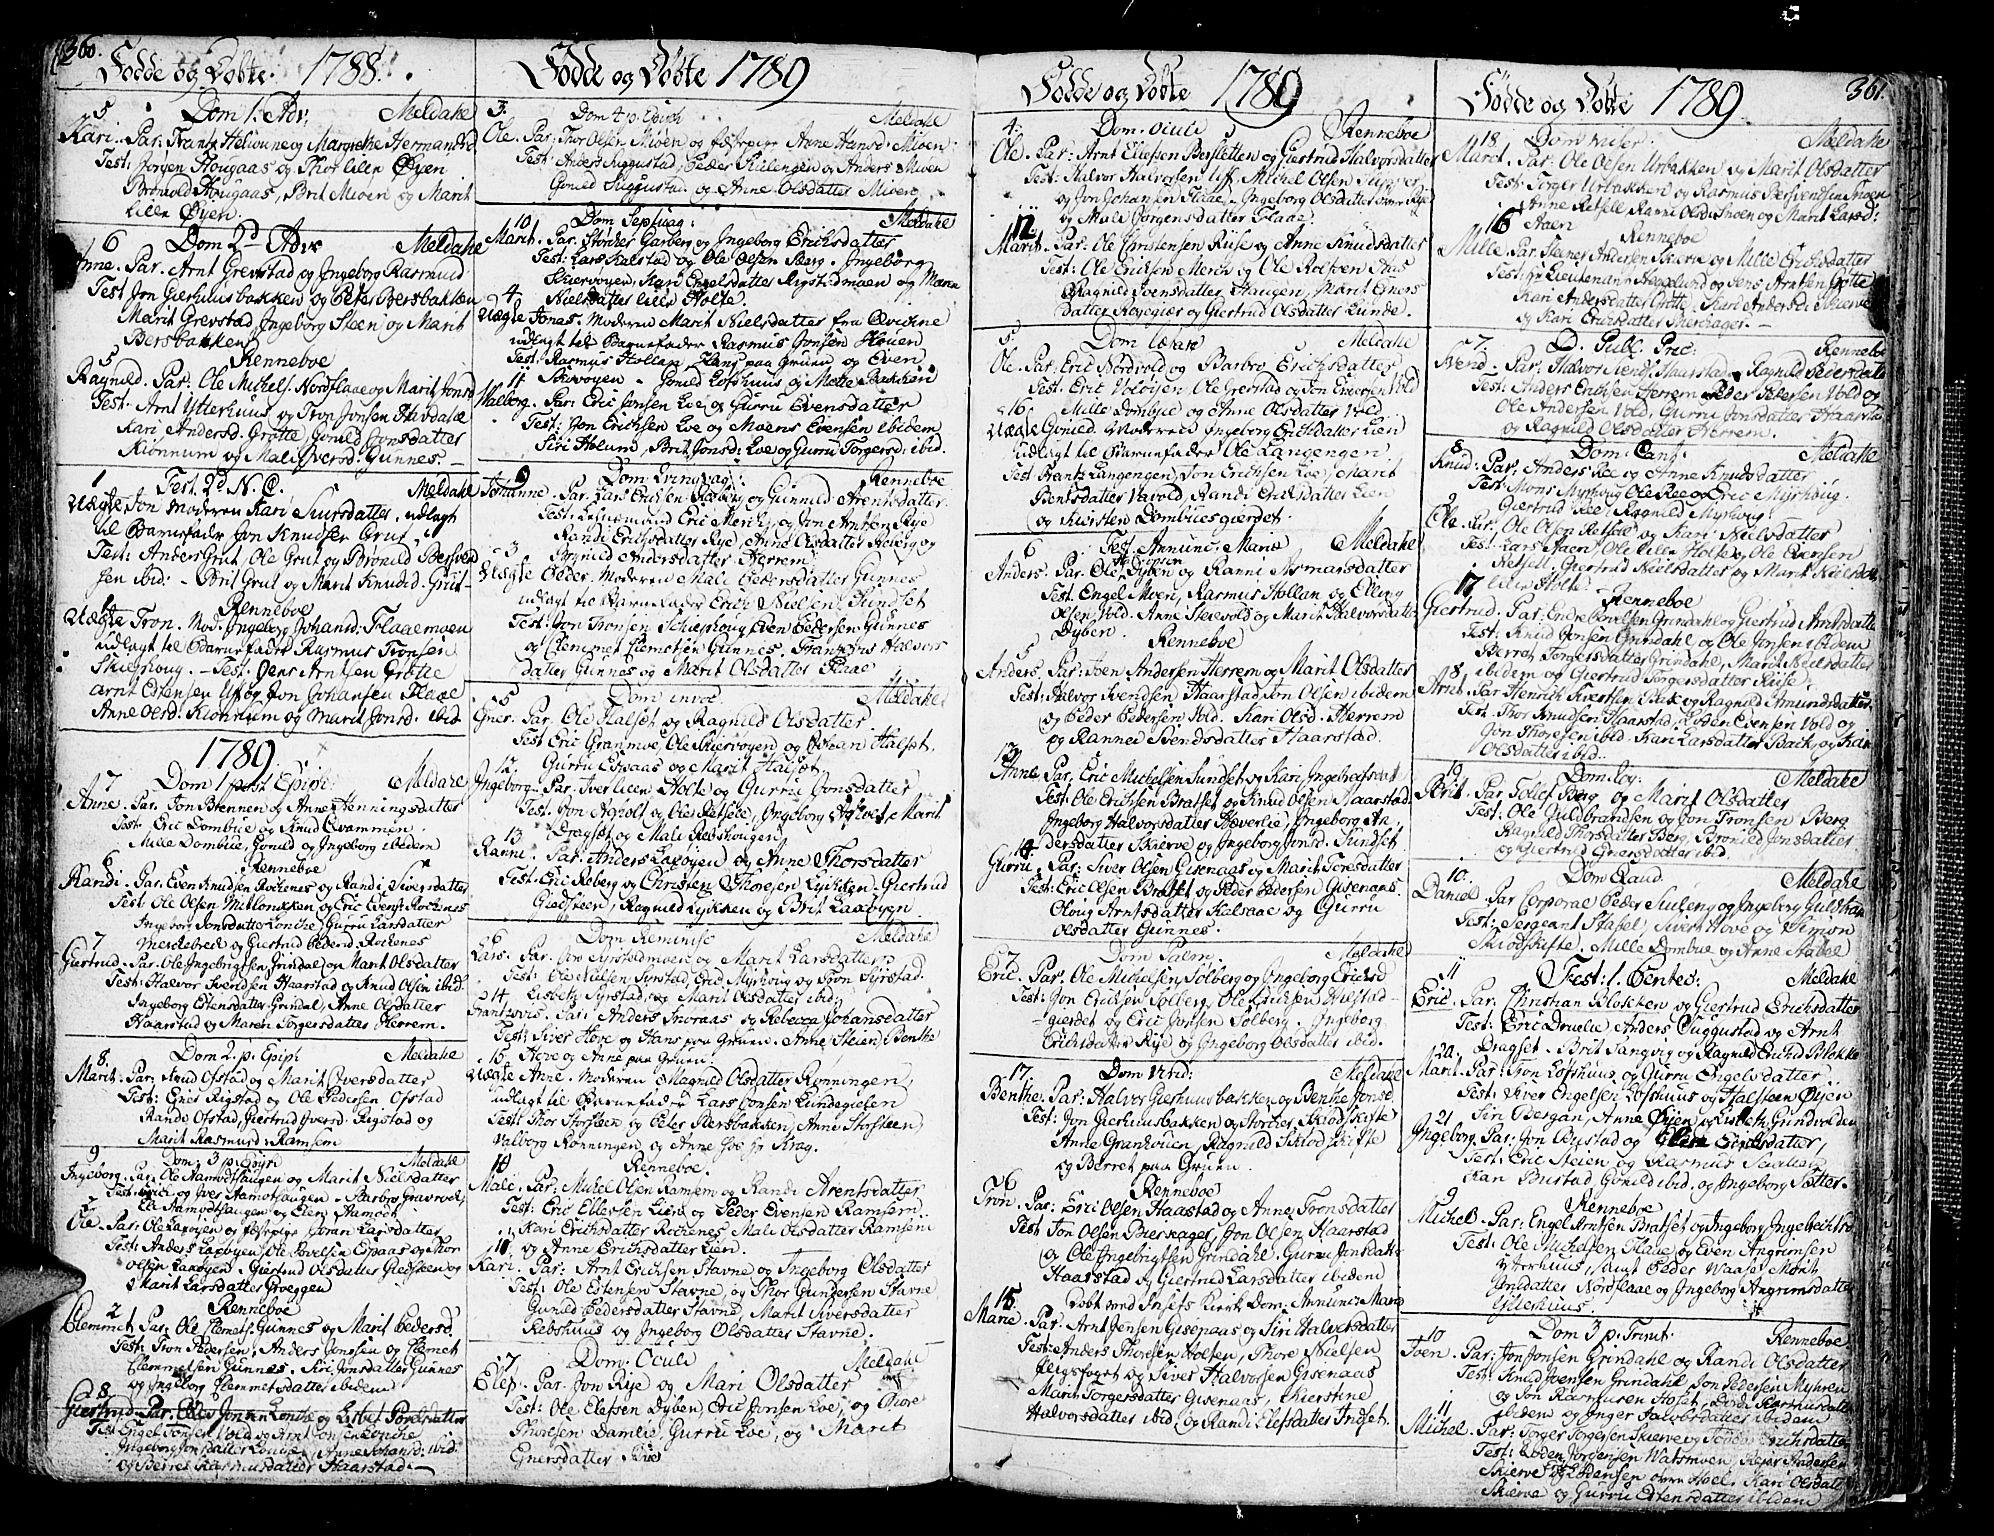 SAT, Ministerialprotokoller, klokkerbøker og fødselsregistre - Sør-Trøndelag, 672/L0852: Ministerialbok nr. 672A05, 1776-1815, s. 360-361